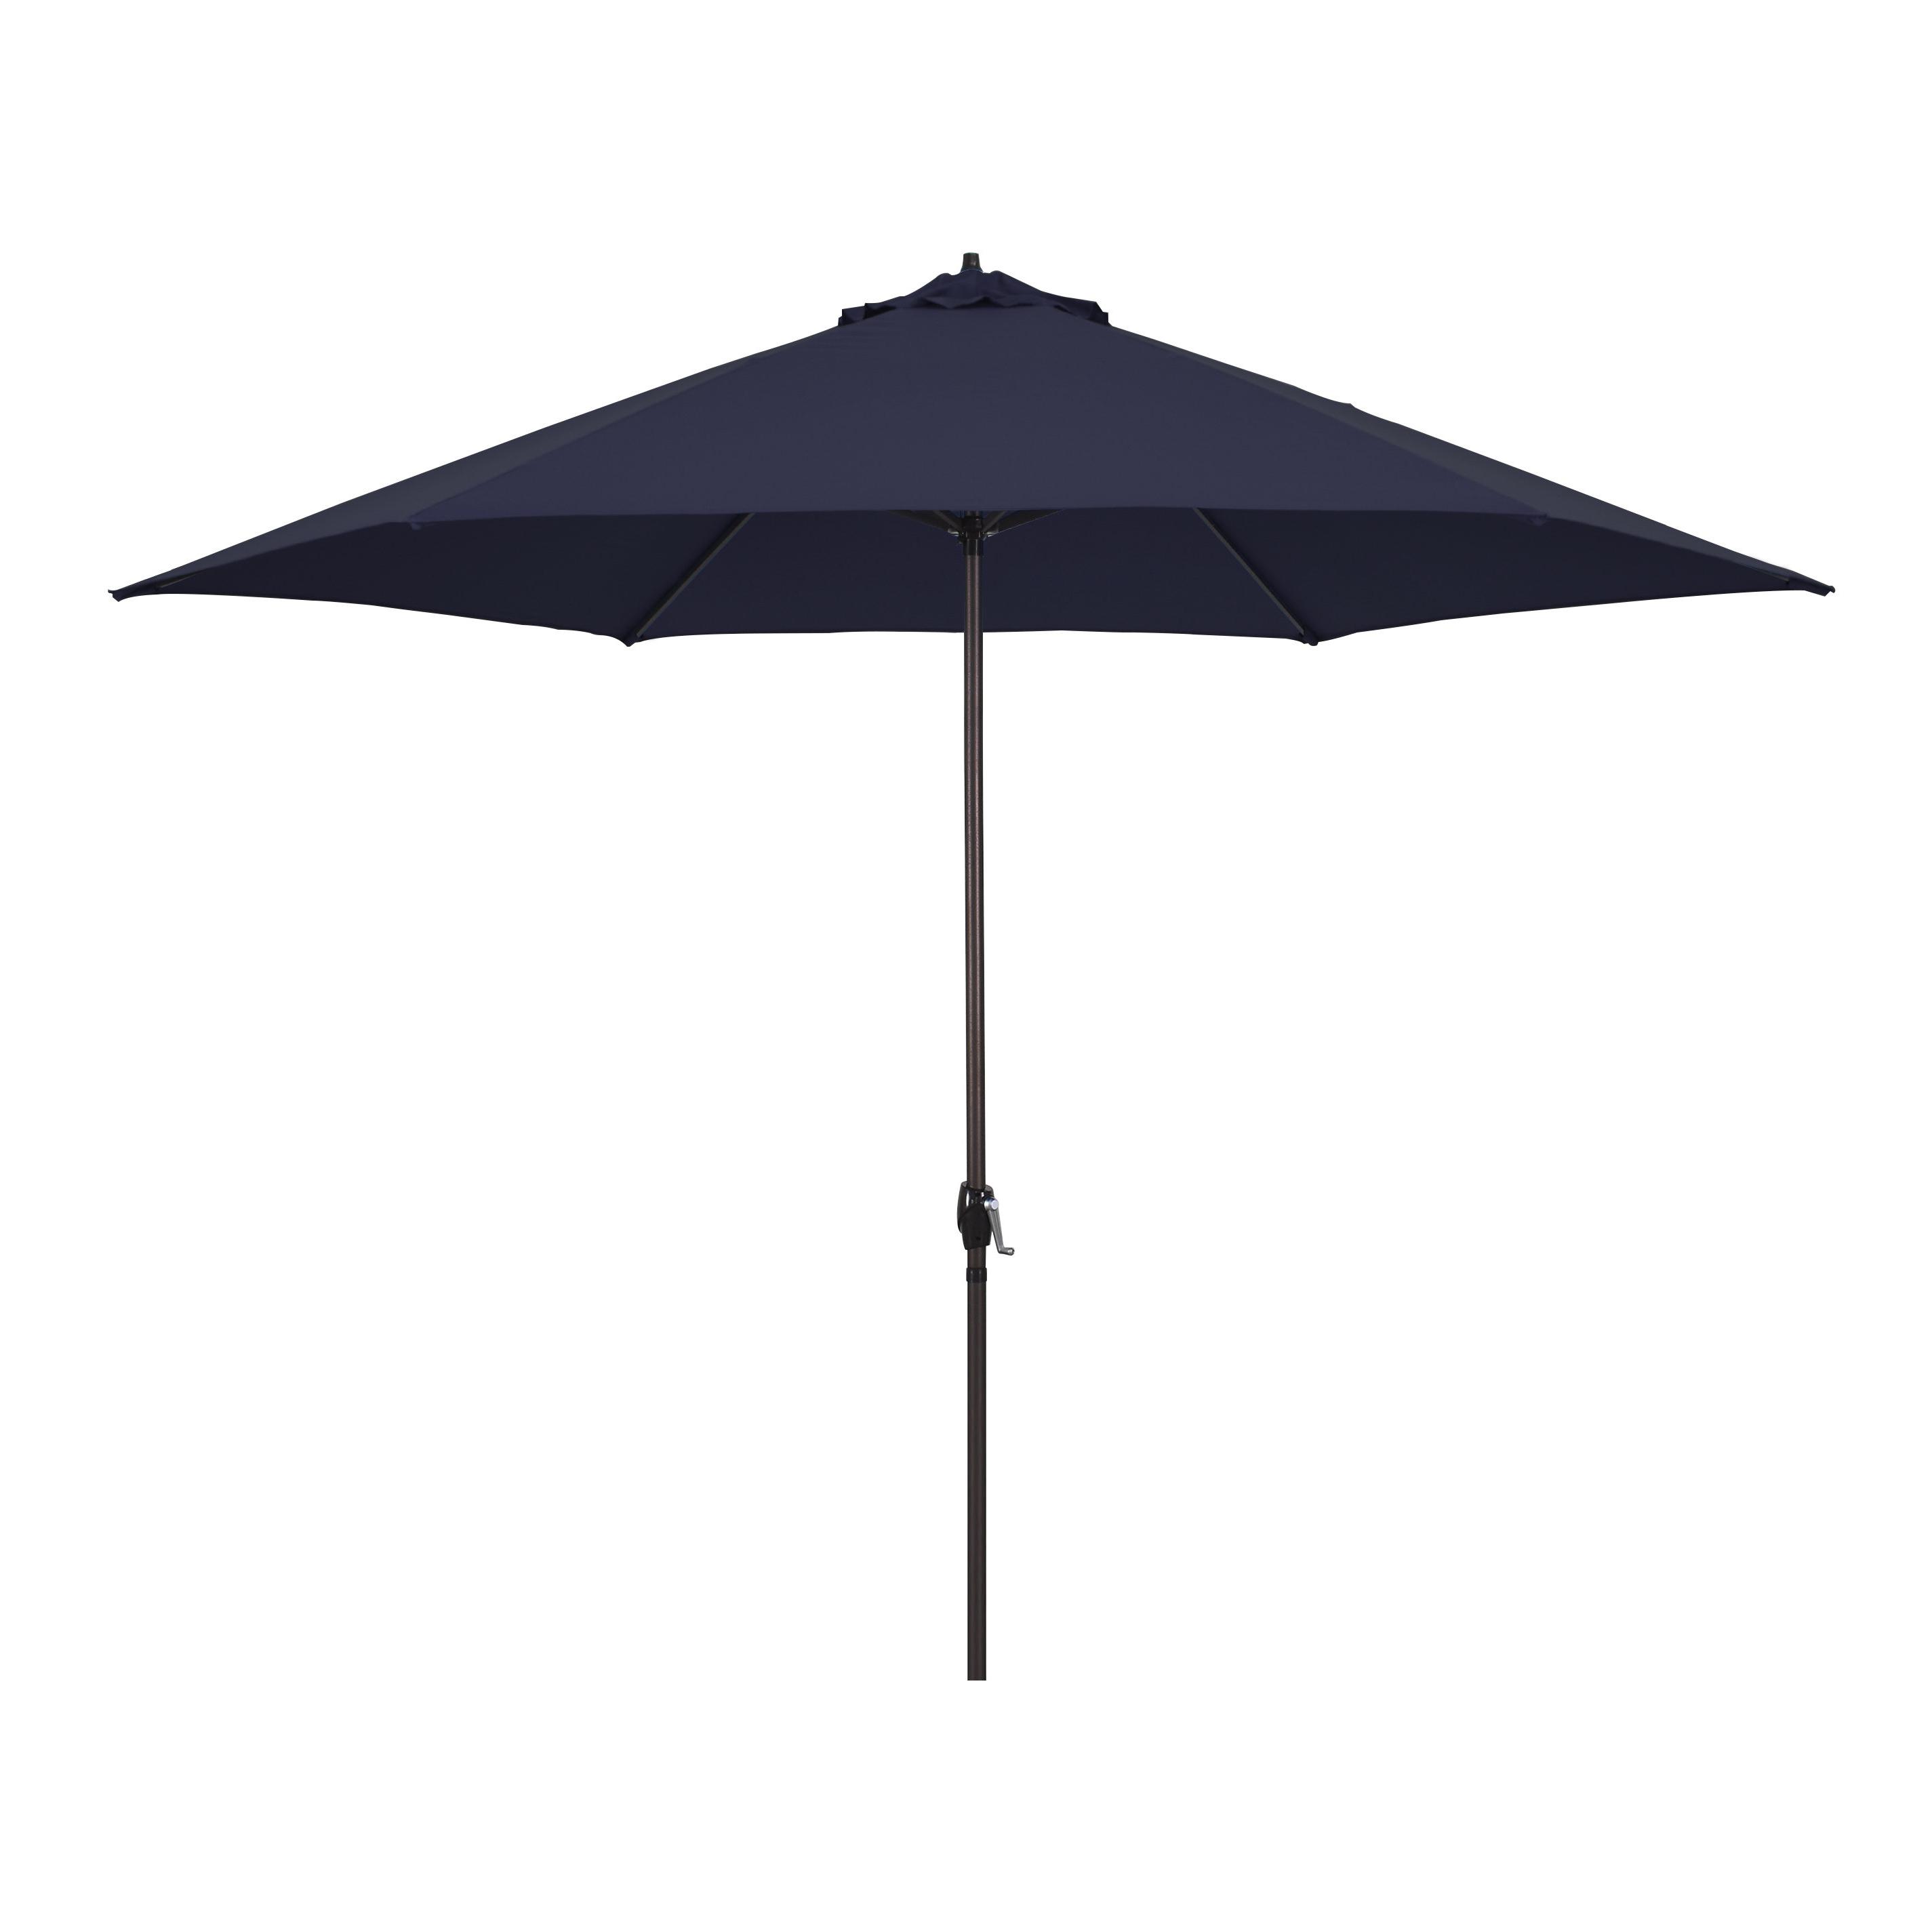 Launceston Market Umbrellas Pertaining To Recent Mcdougal 11' Market Umbrella (View 11 of 20)